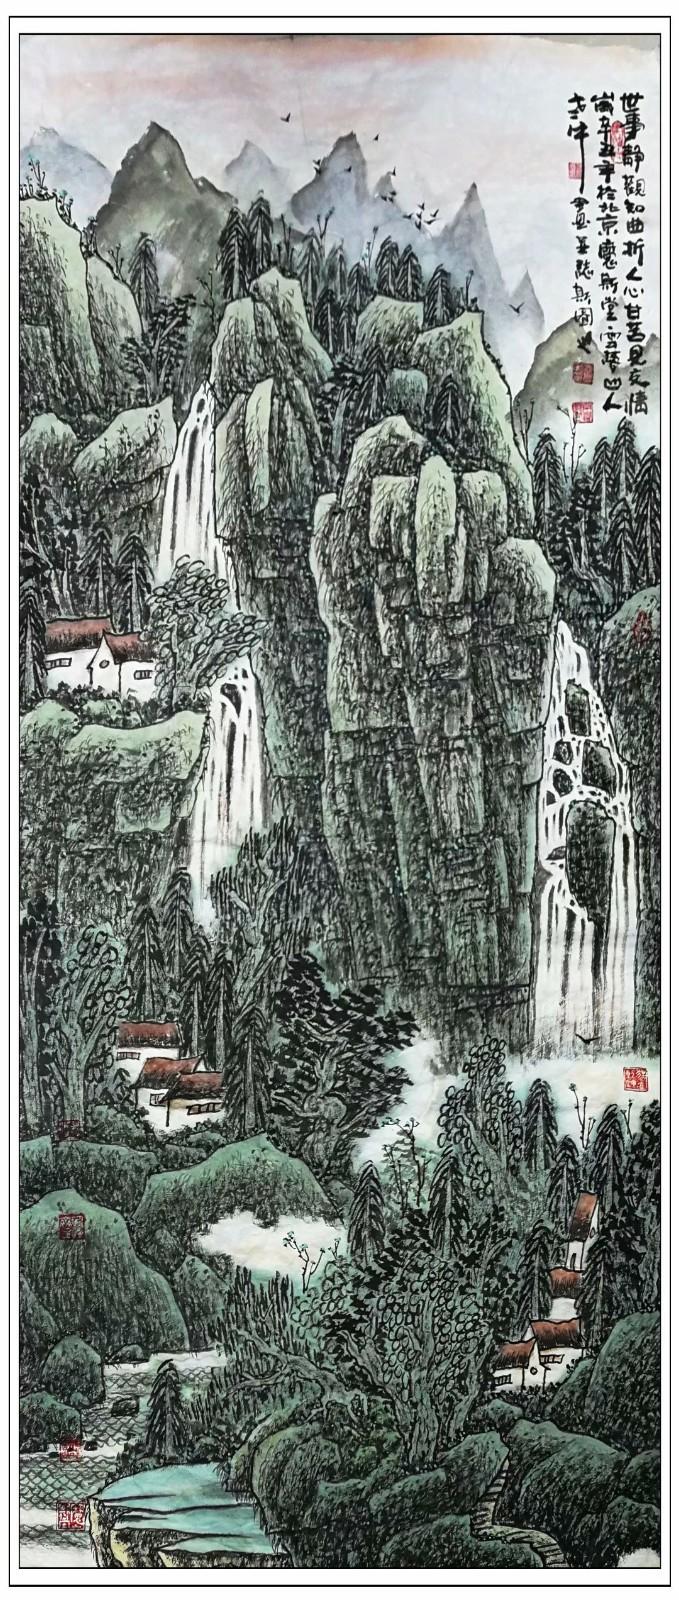 牛志高山水画2021.07.05_图1-3